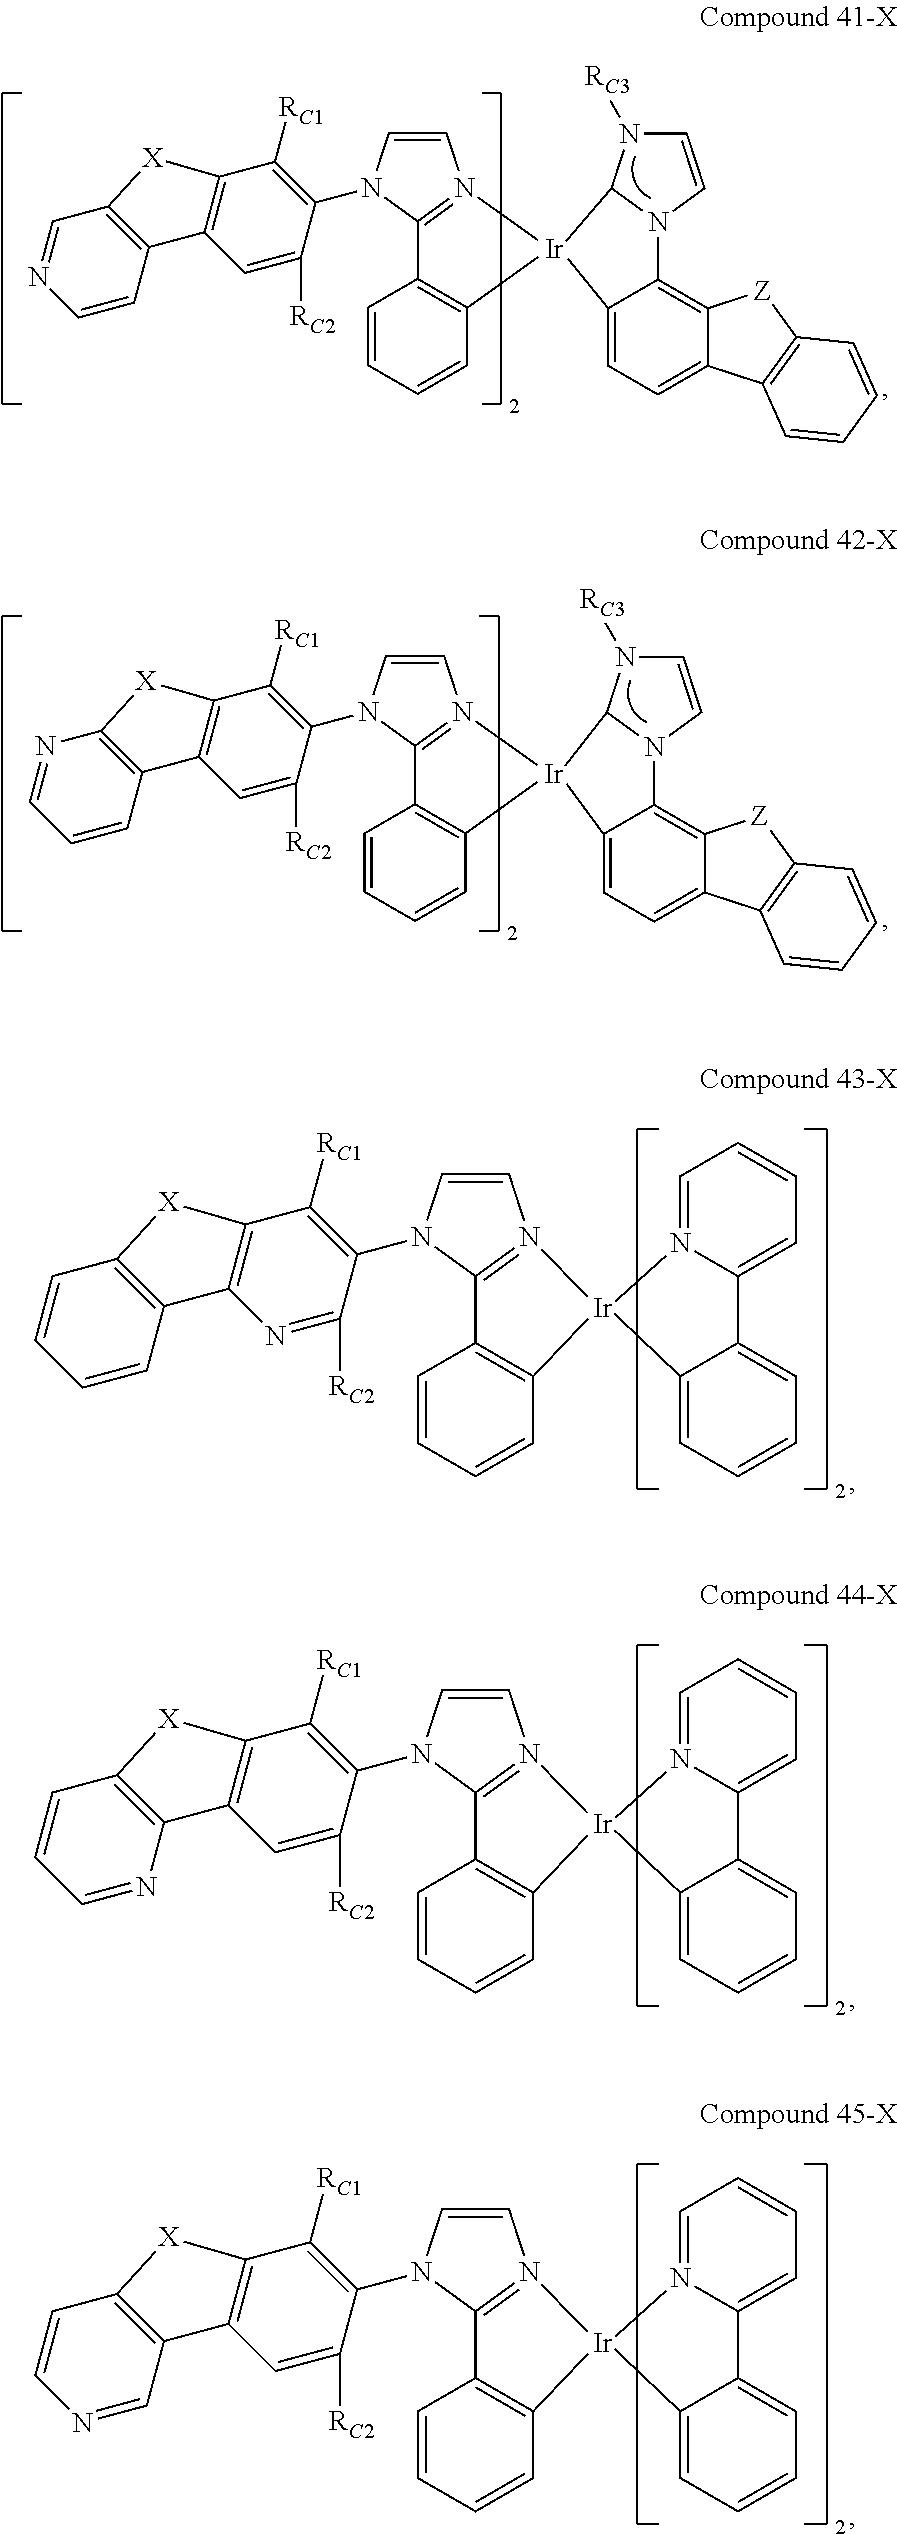 Figure US09978958-20180522-C00032